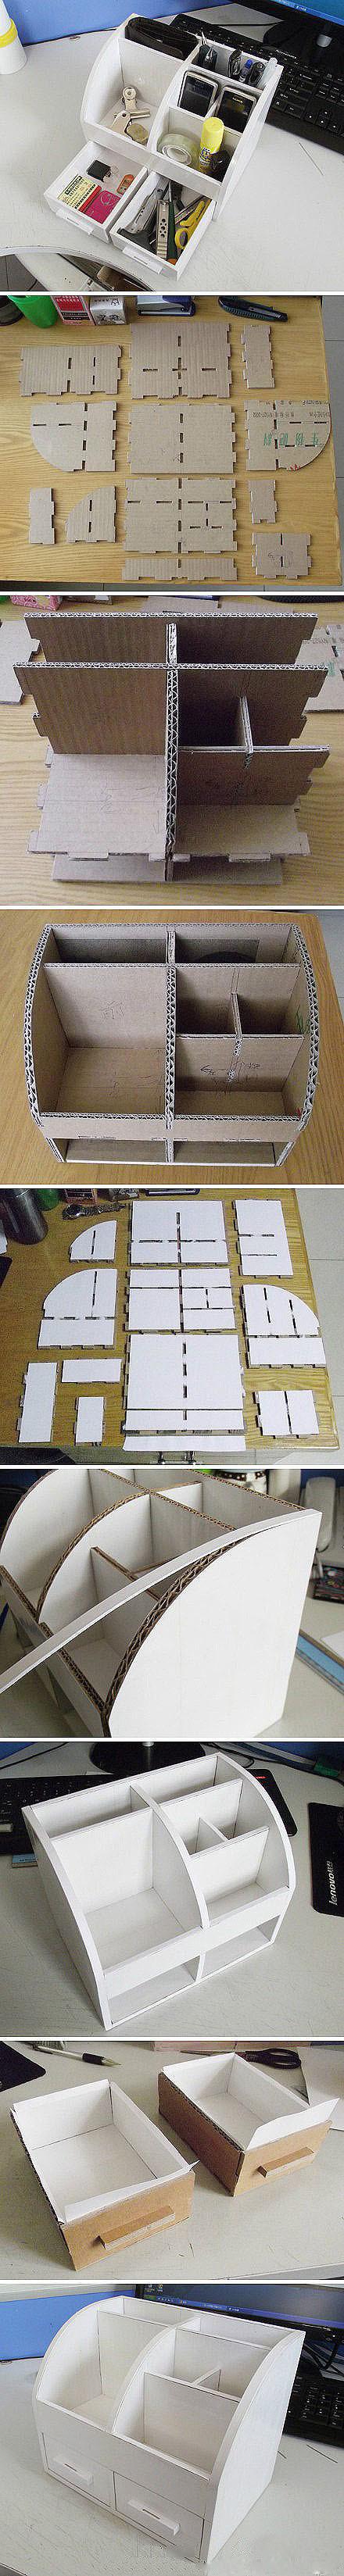 Organizador de escritorio diy pinterest diy diy cardboard and